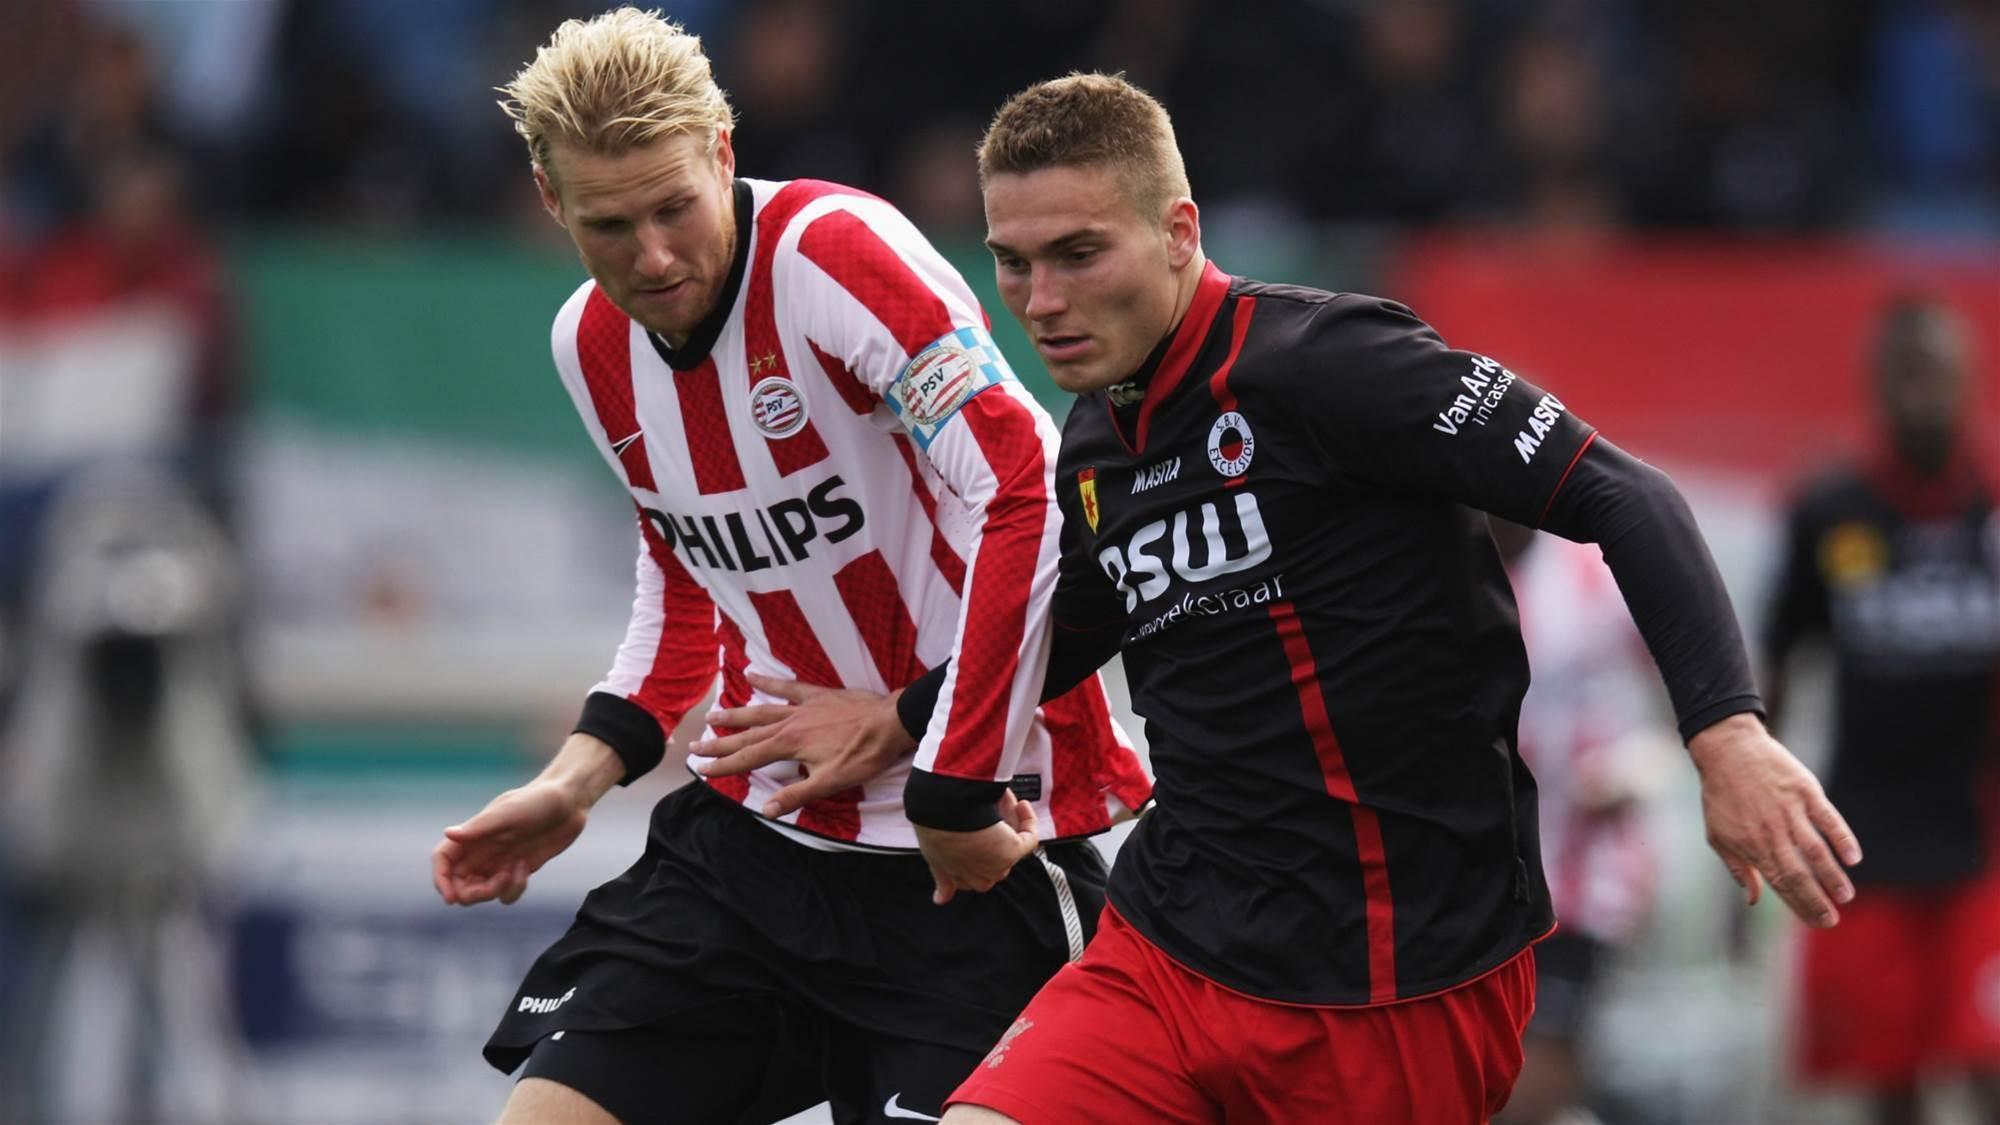 Dutch defender Bart Schenkeveld headed to Melbourne City